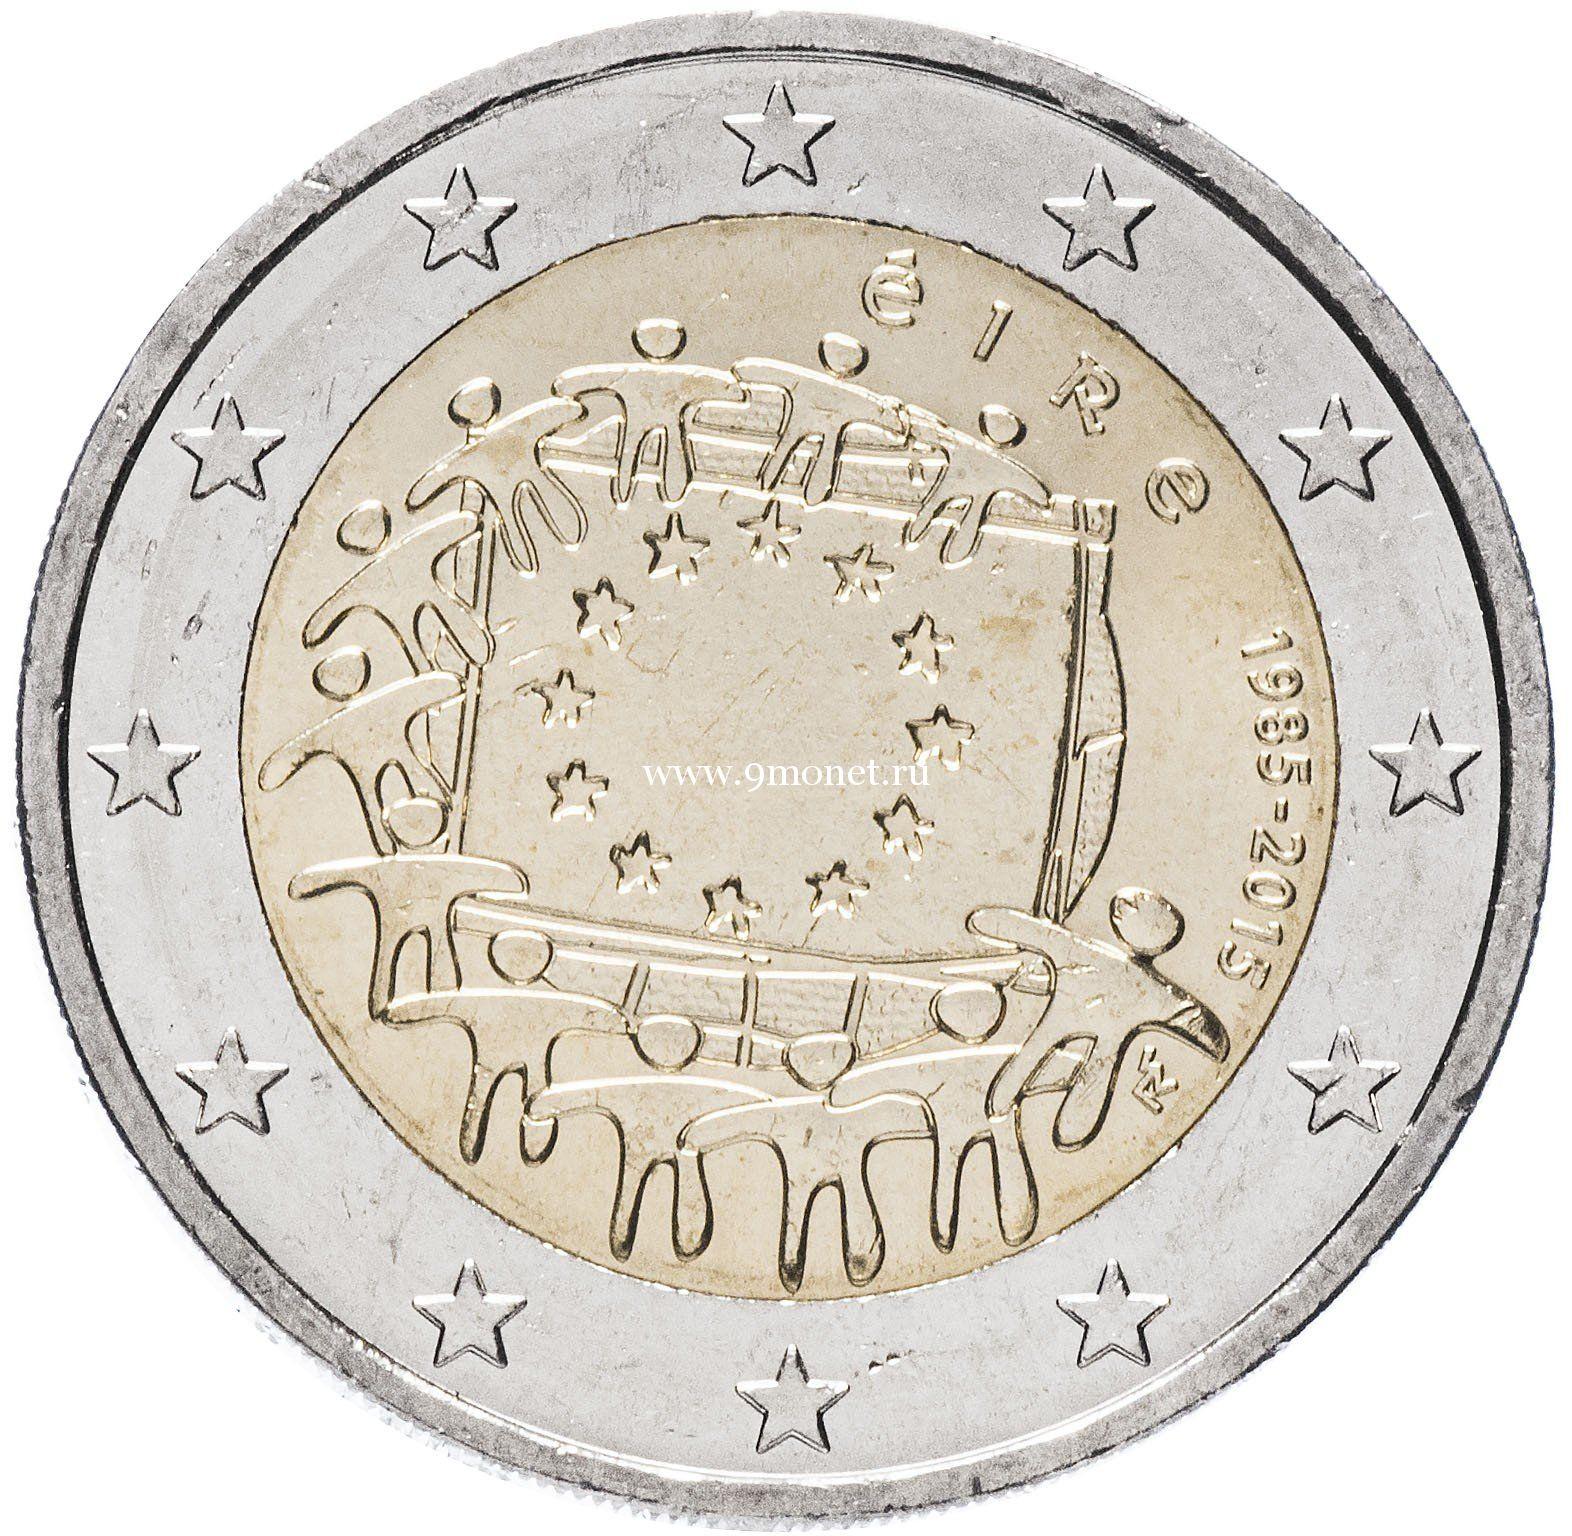 Ирландия 2 евро 2015 года 30 лет флагу Европы